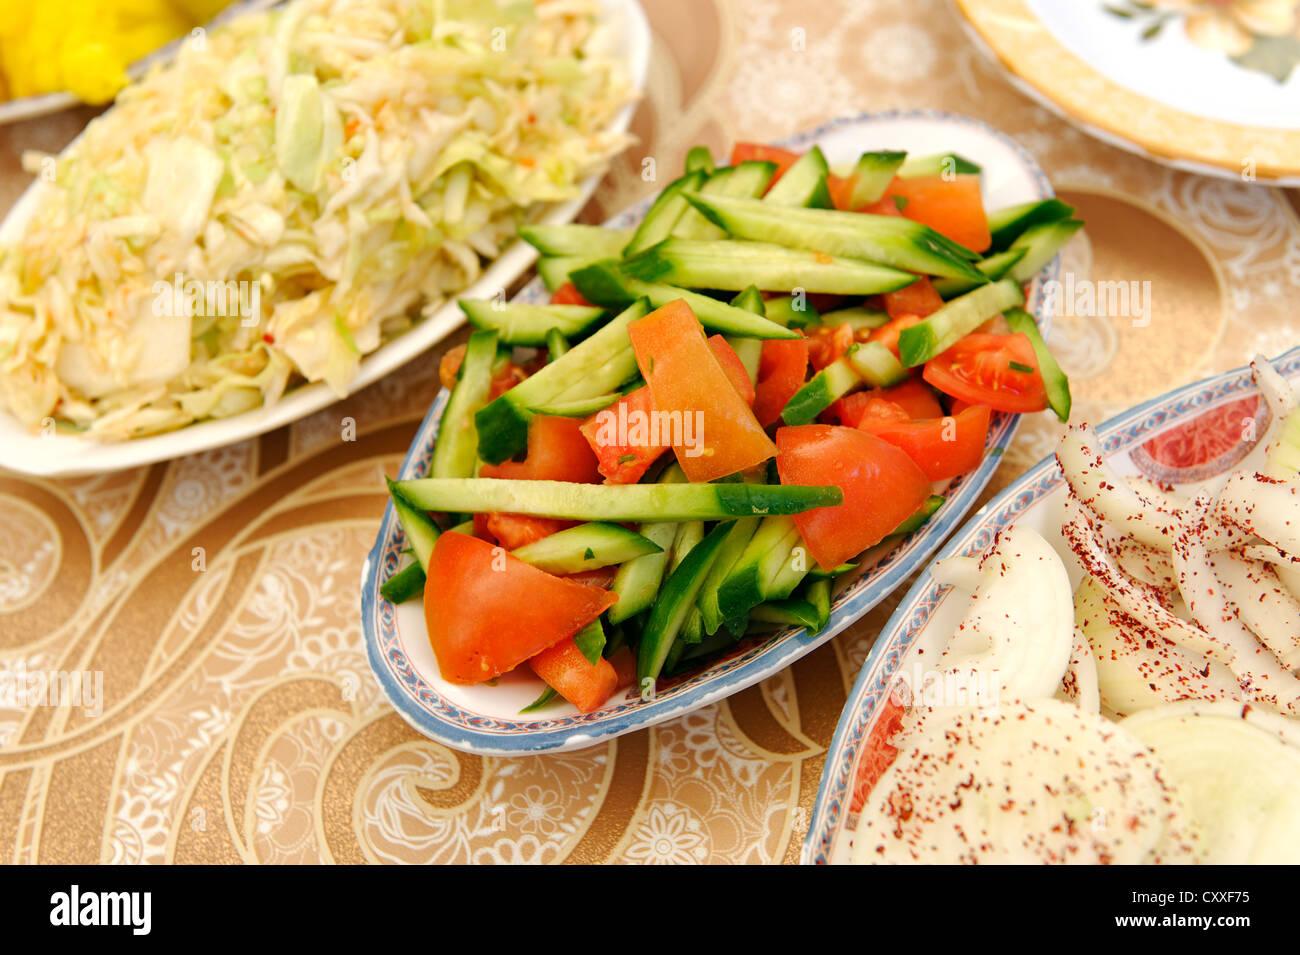 Légumes marinés, de la nourriture, de l'acre ou d'Acre, Israël, Moyen Orient Photo Stock